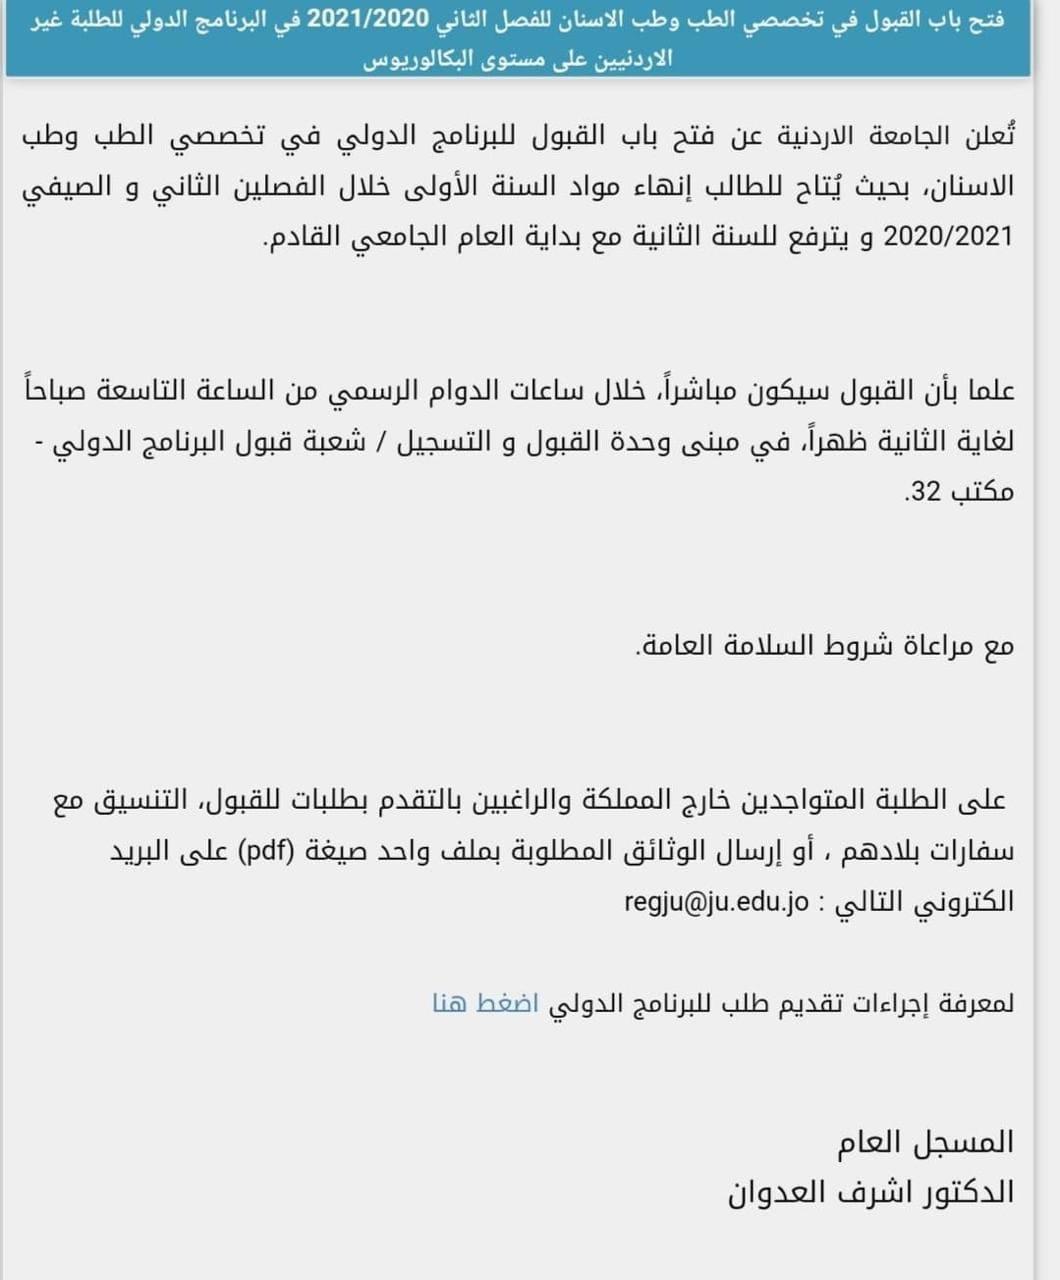 ذبحتونا: قرار الأردنية تغليب للجانب المالي على حساب الاكاديمي